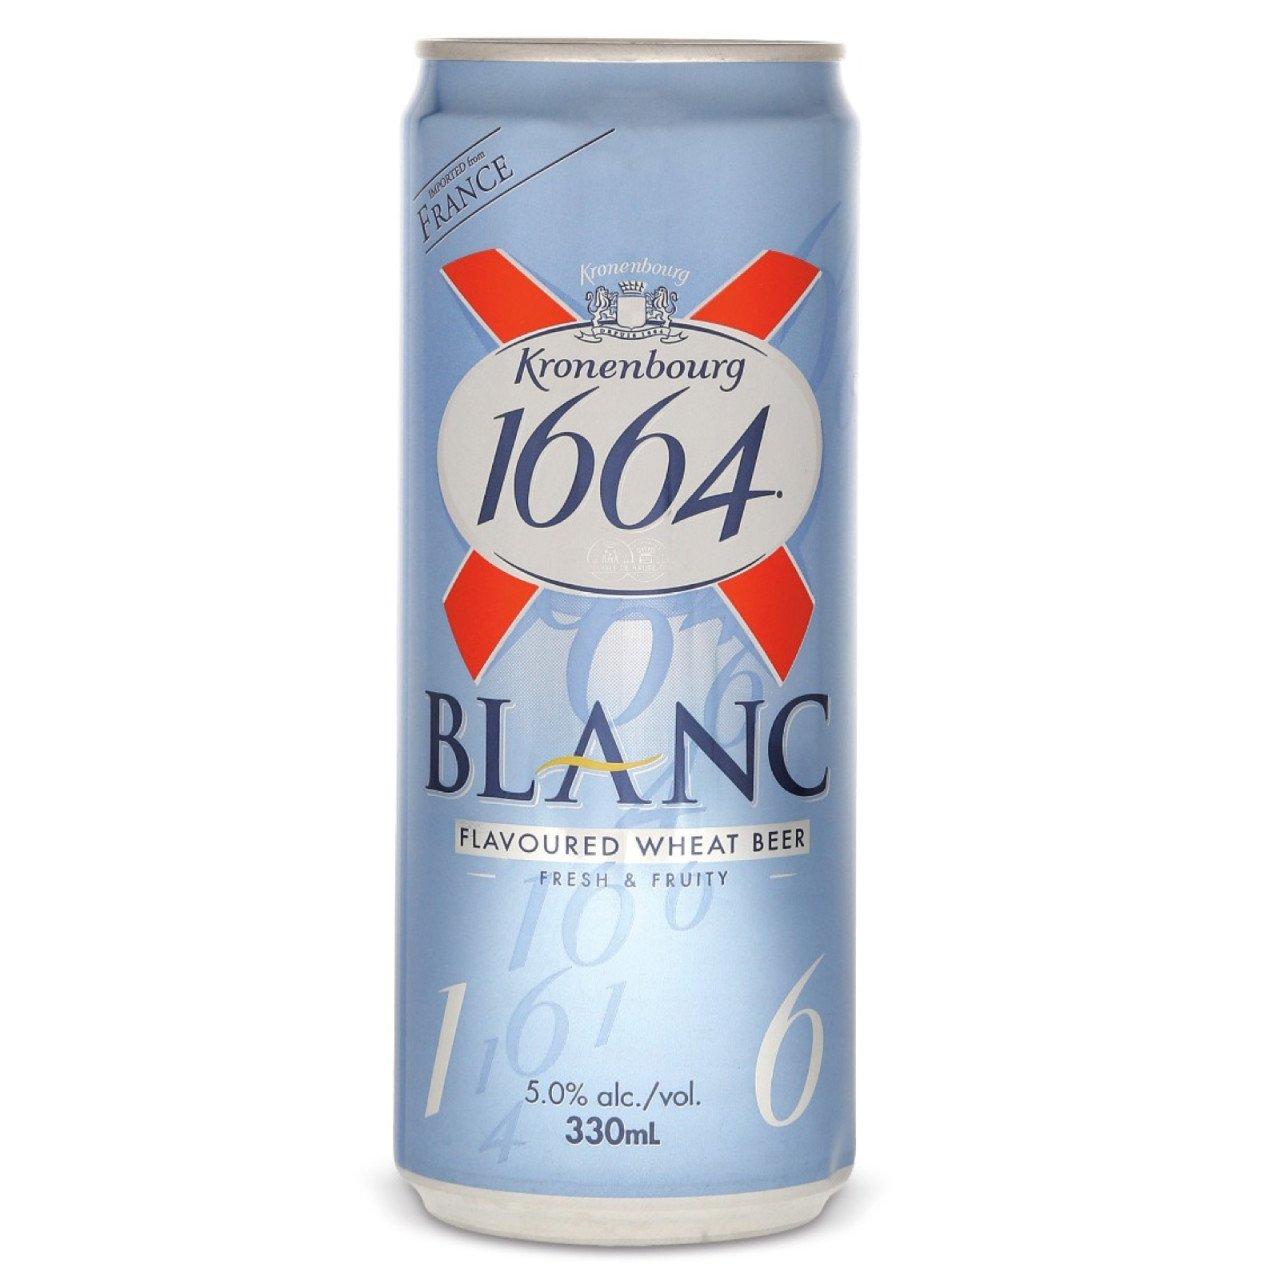 블랑1664.jpg 개인적으로 생각하는 맥주 Top3